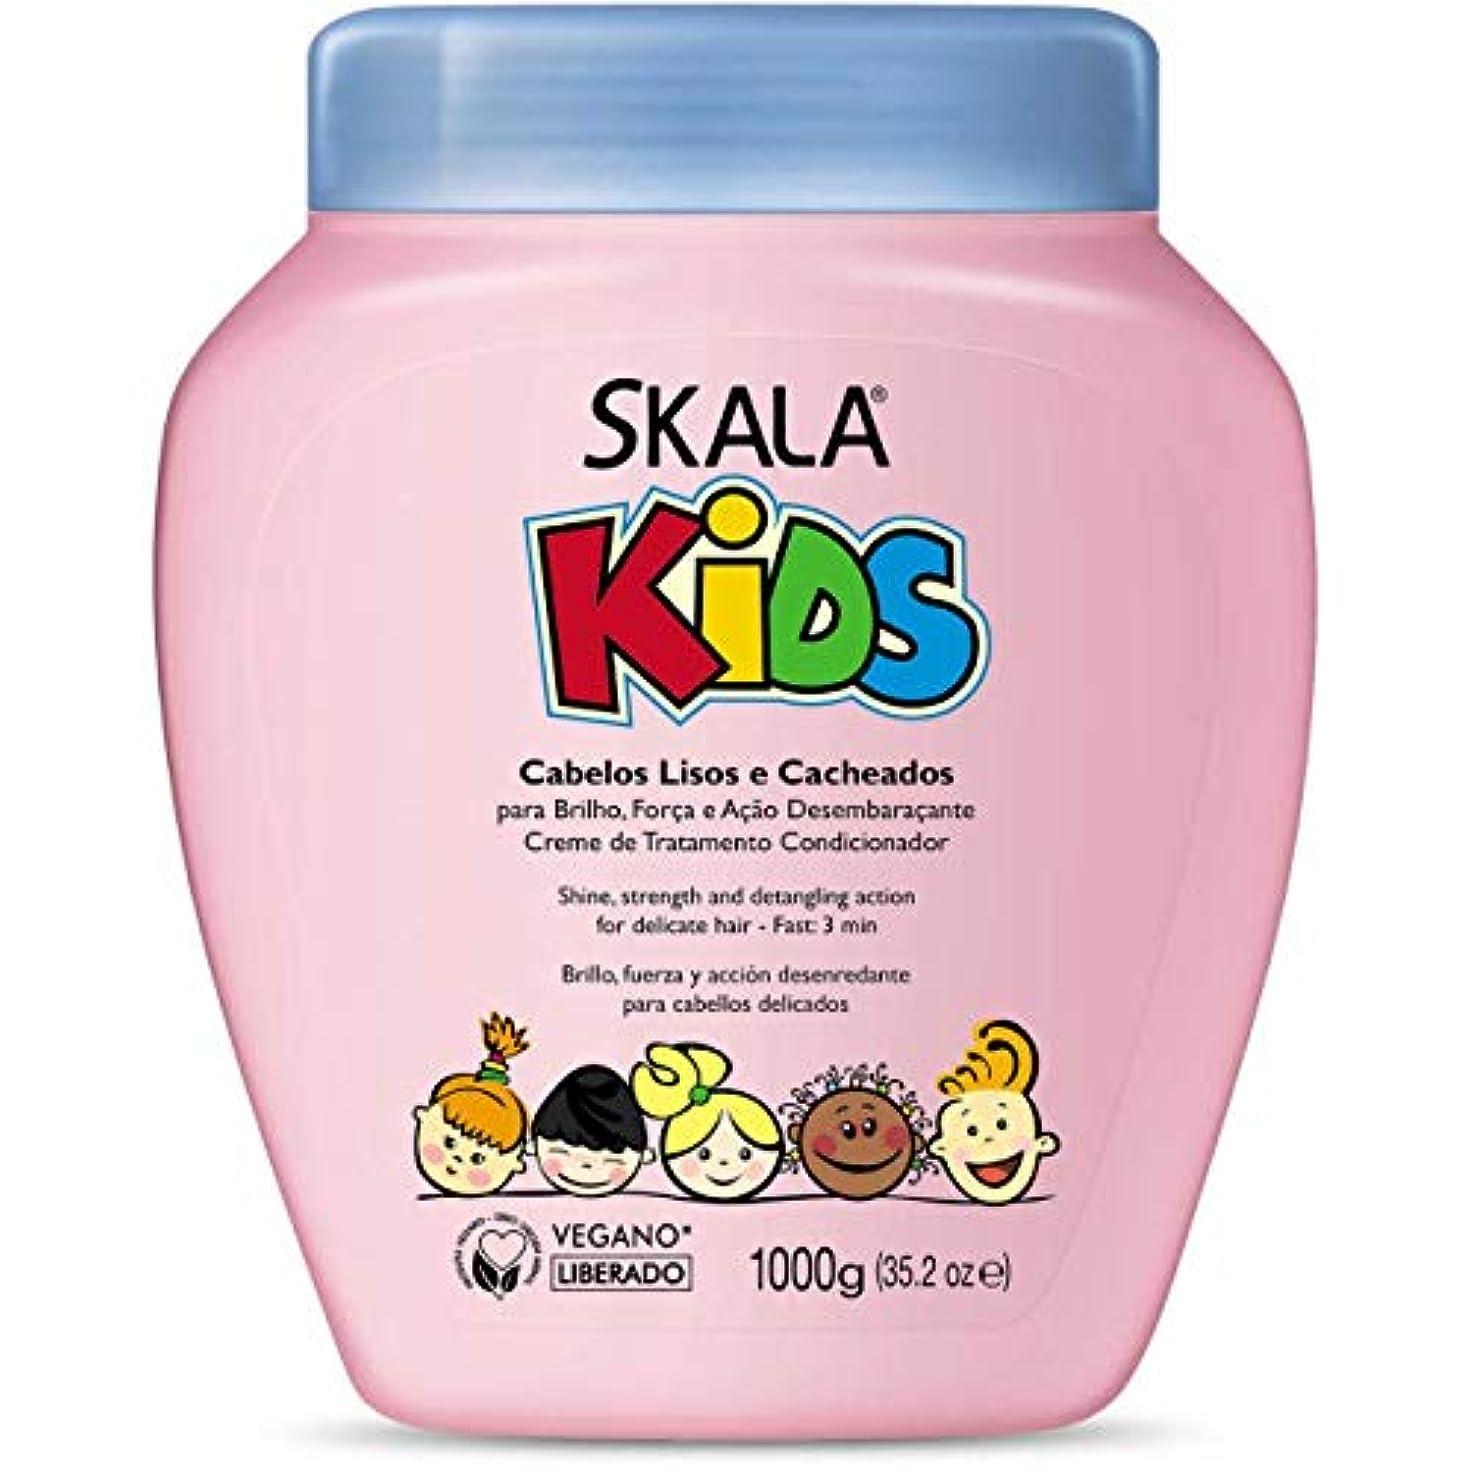 春ドリンク熟読Skala Expert Divino Pot?o スカラ エクスパート カーリーヘア用 2イン1トリートメントクリーム 1000g